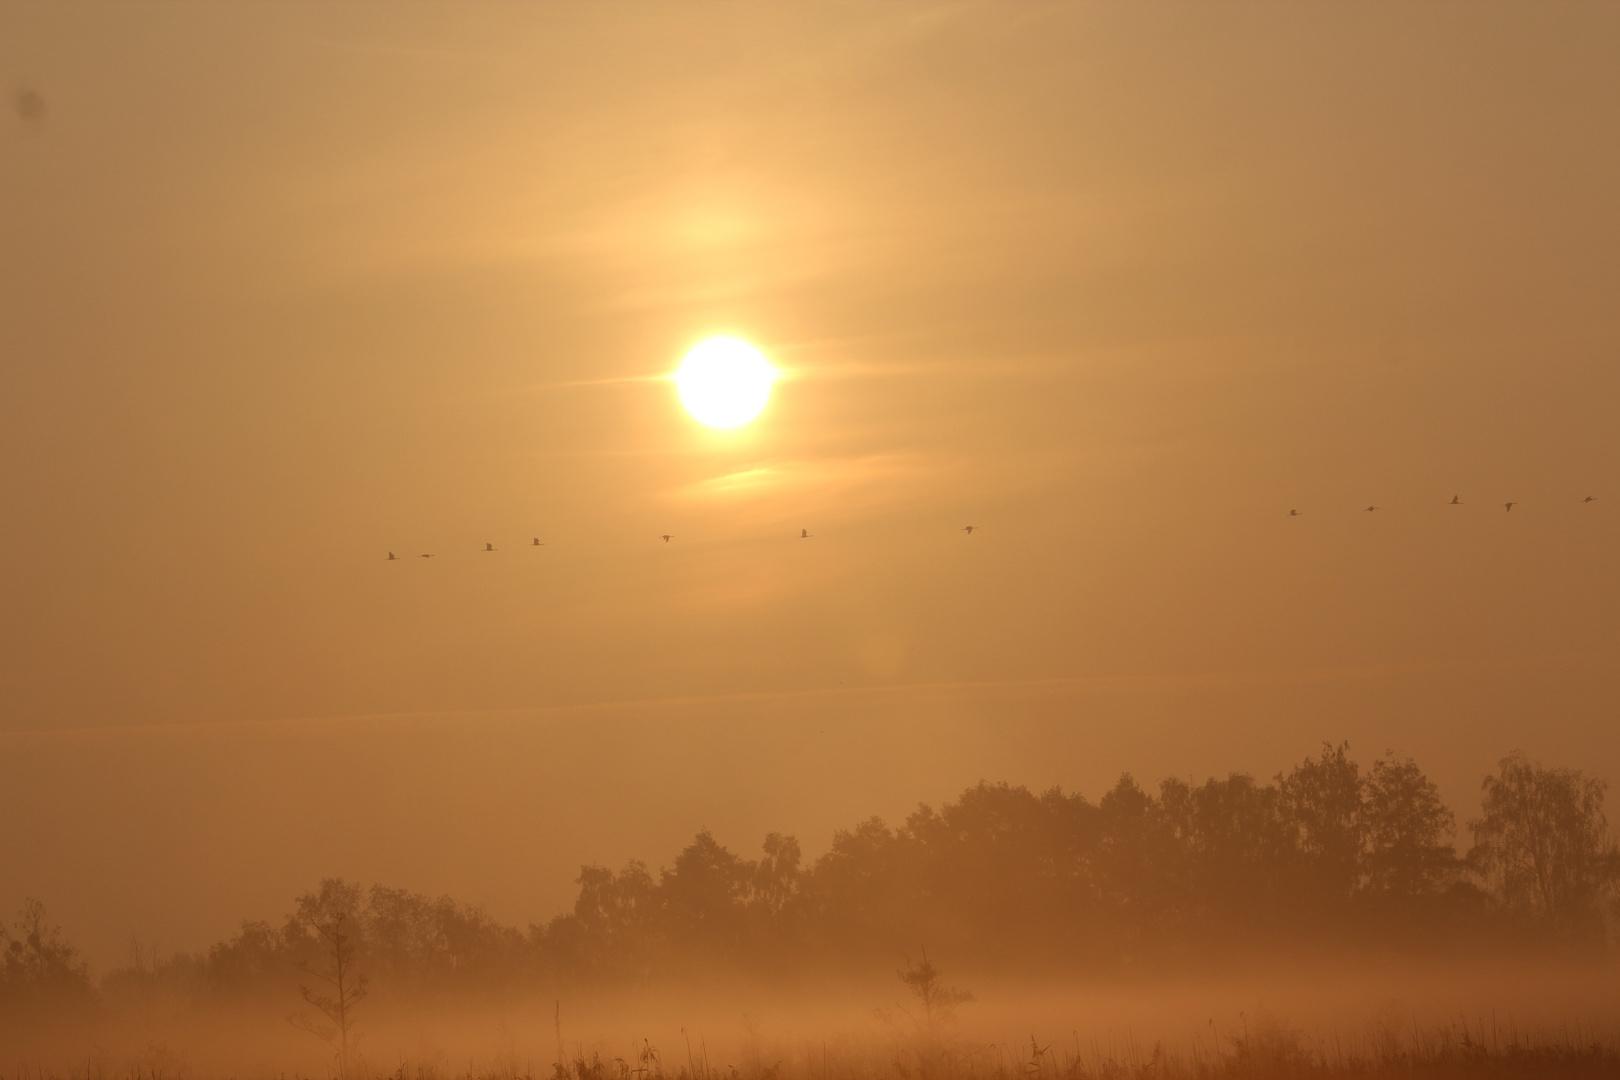 Morgenstund hat Gold...